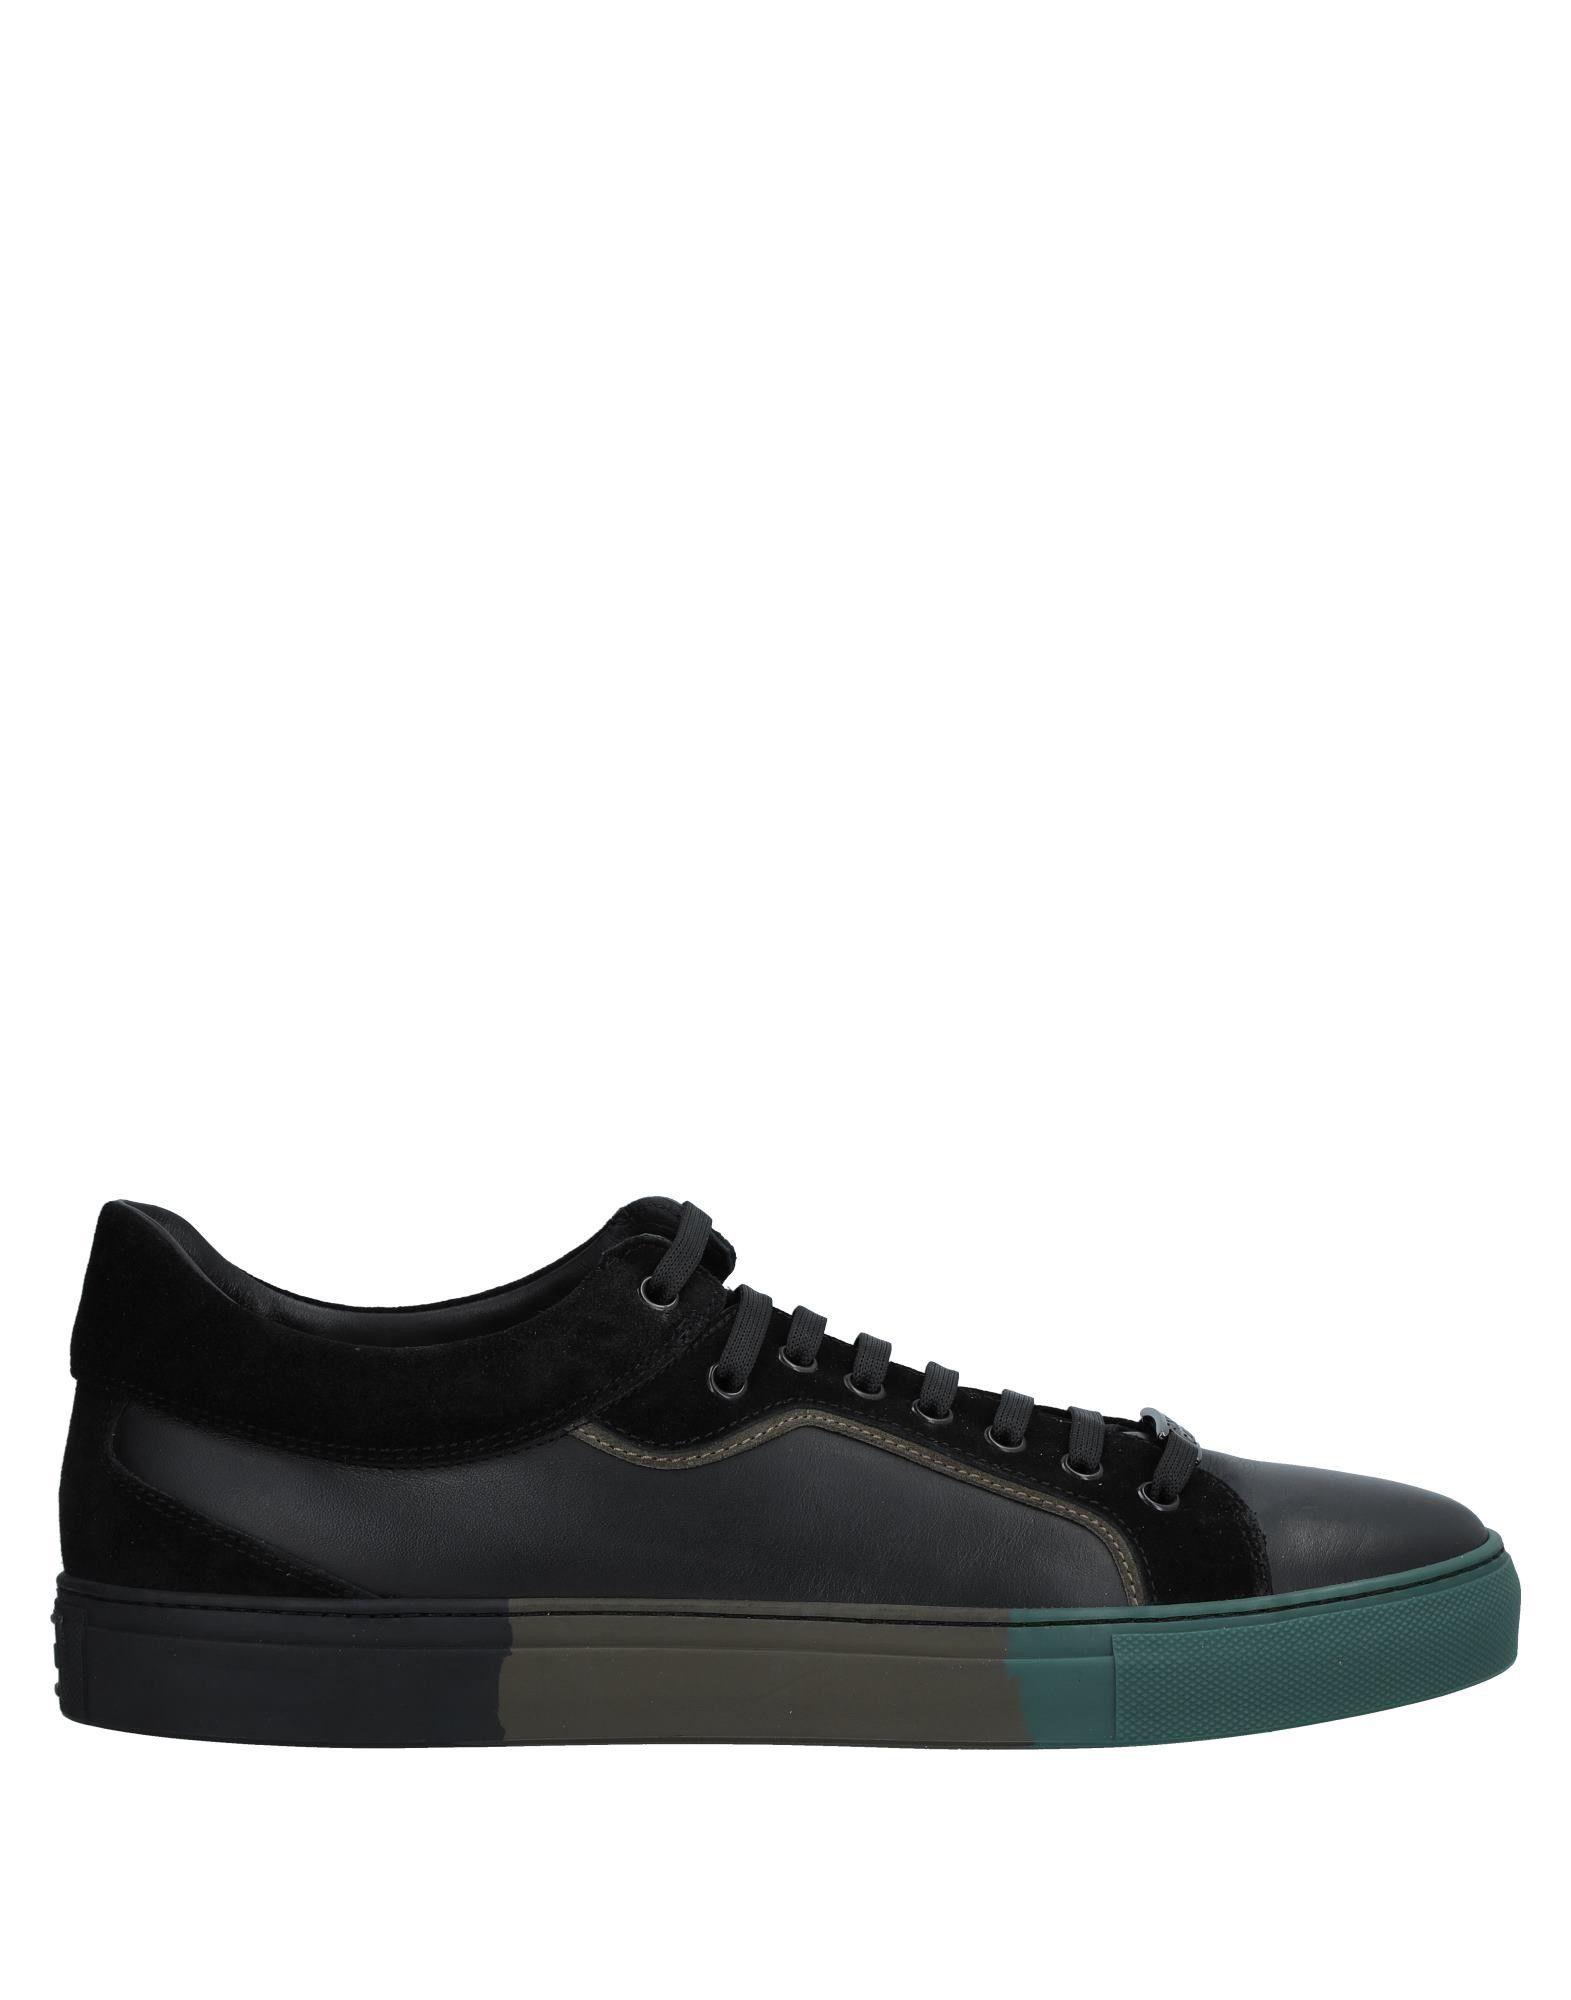 Roberto Cavalli Sneakers Herren  11530946JD Gute Qualität beliebte Schuhe